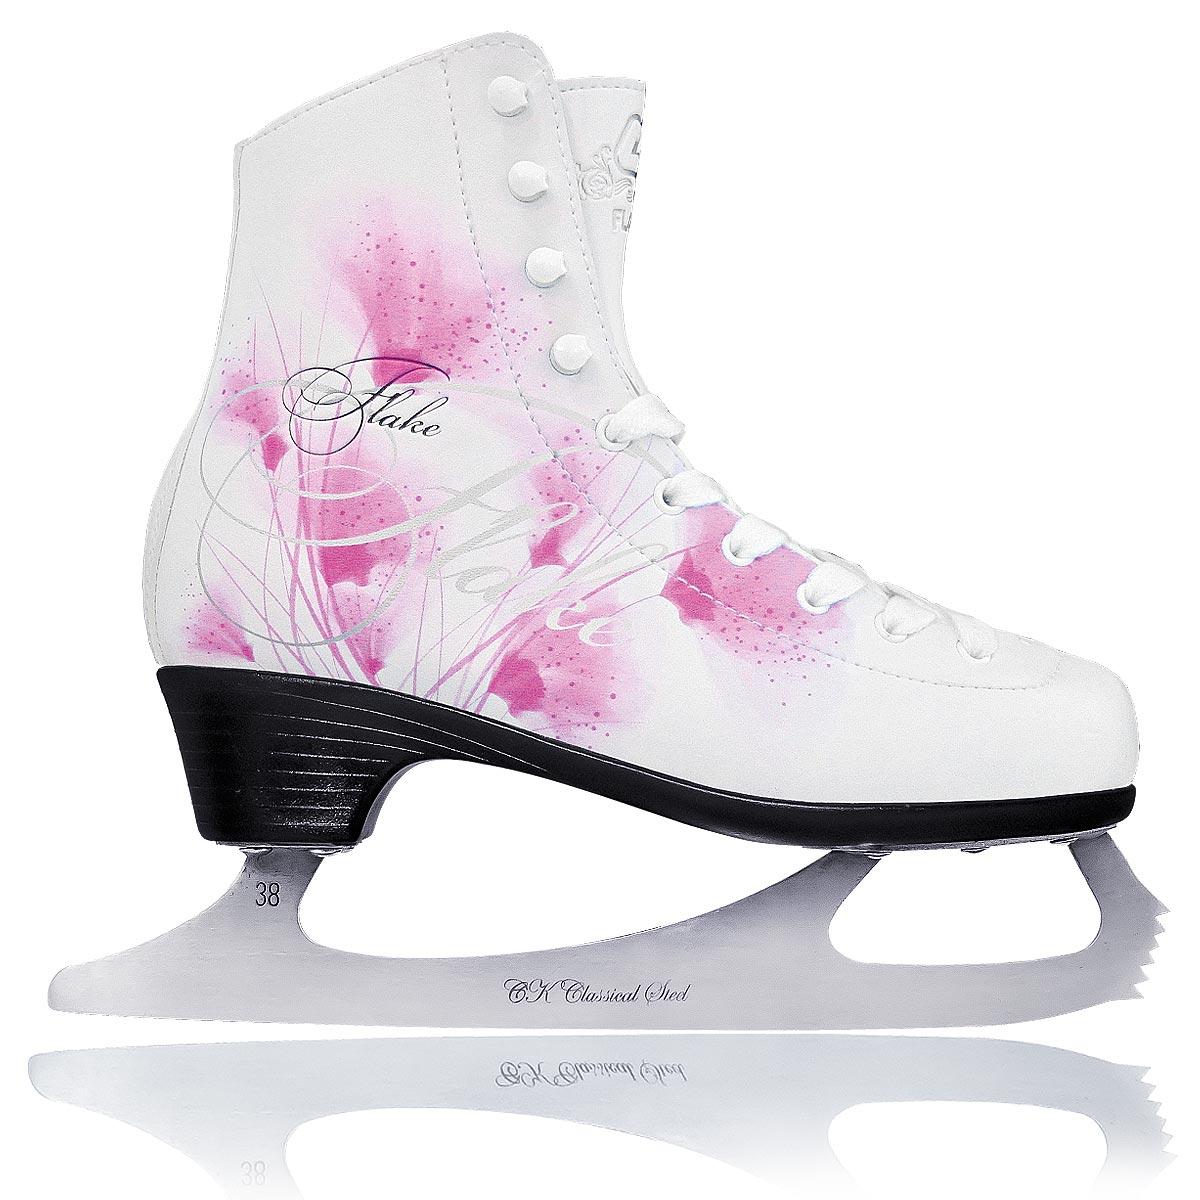 Коньки фигурные для девочки CK Flake Leather, цвет: белый, фуксия. Размер 35 коньки фигурные для девочки ck ladies velvet classic цвет белый голубой серебряный размер 27